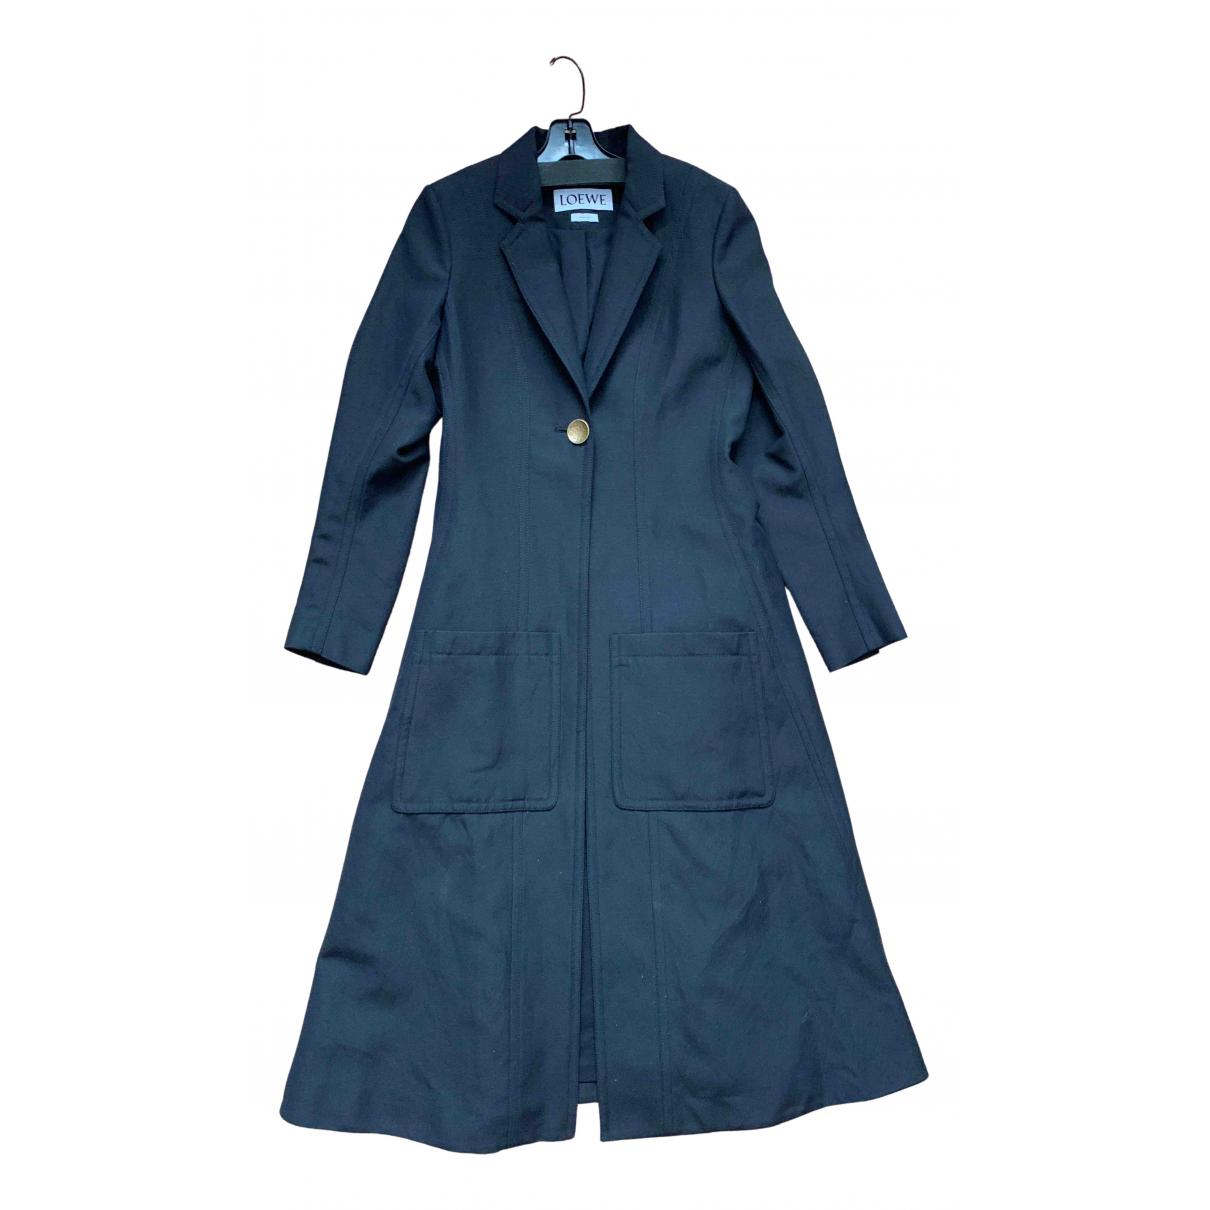 Loewe - Manteau   pour femme en laine - noir